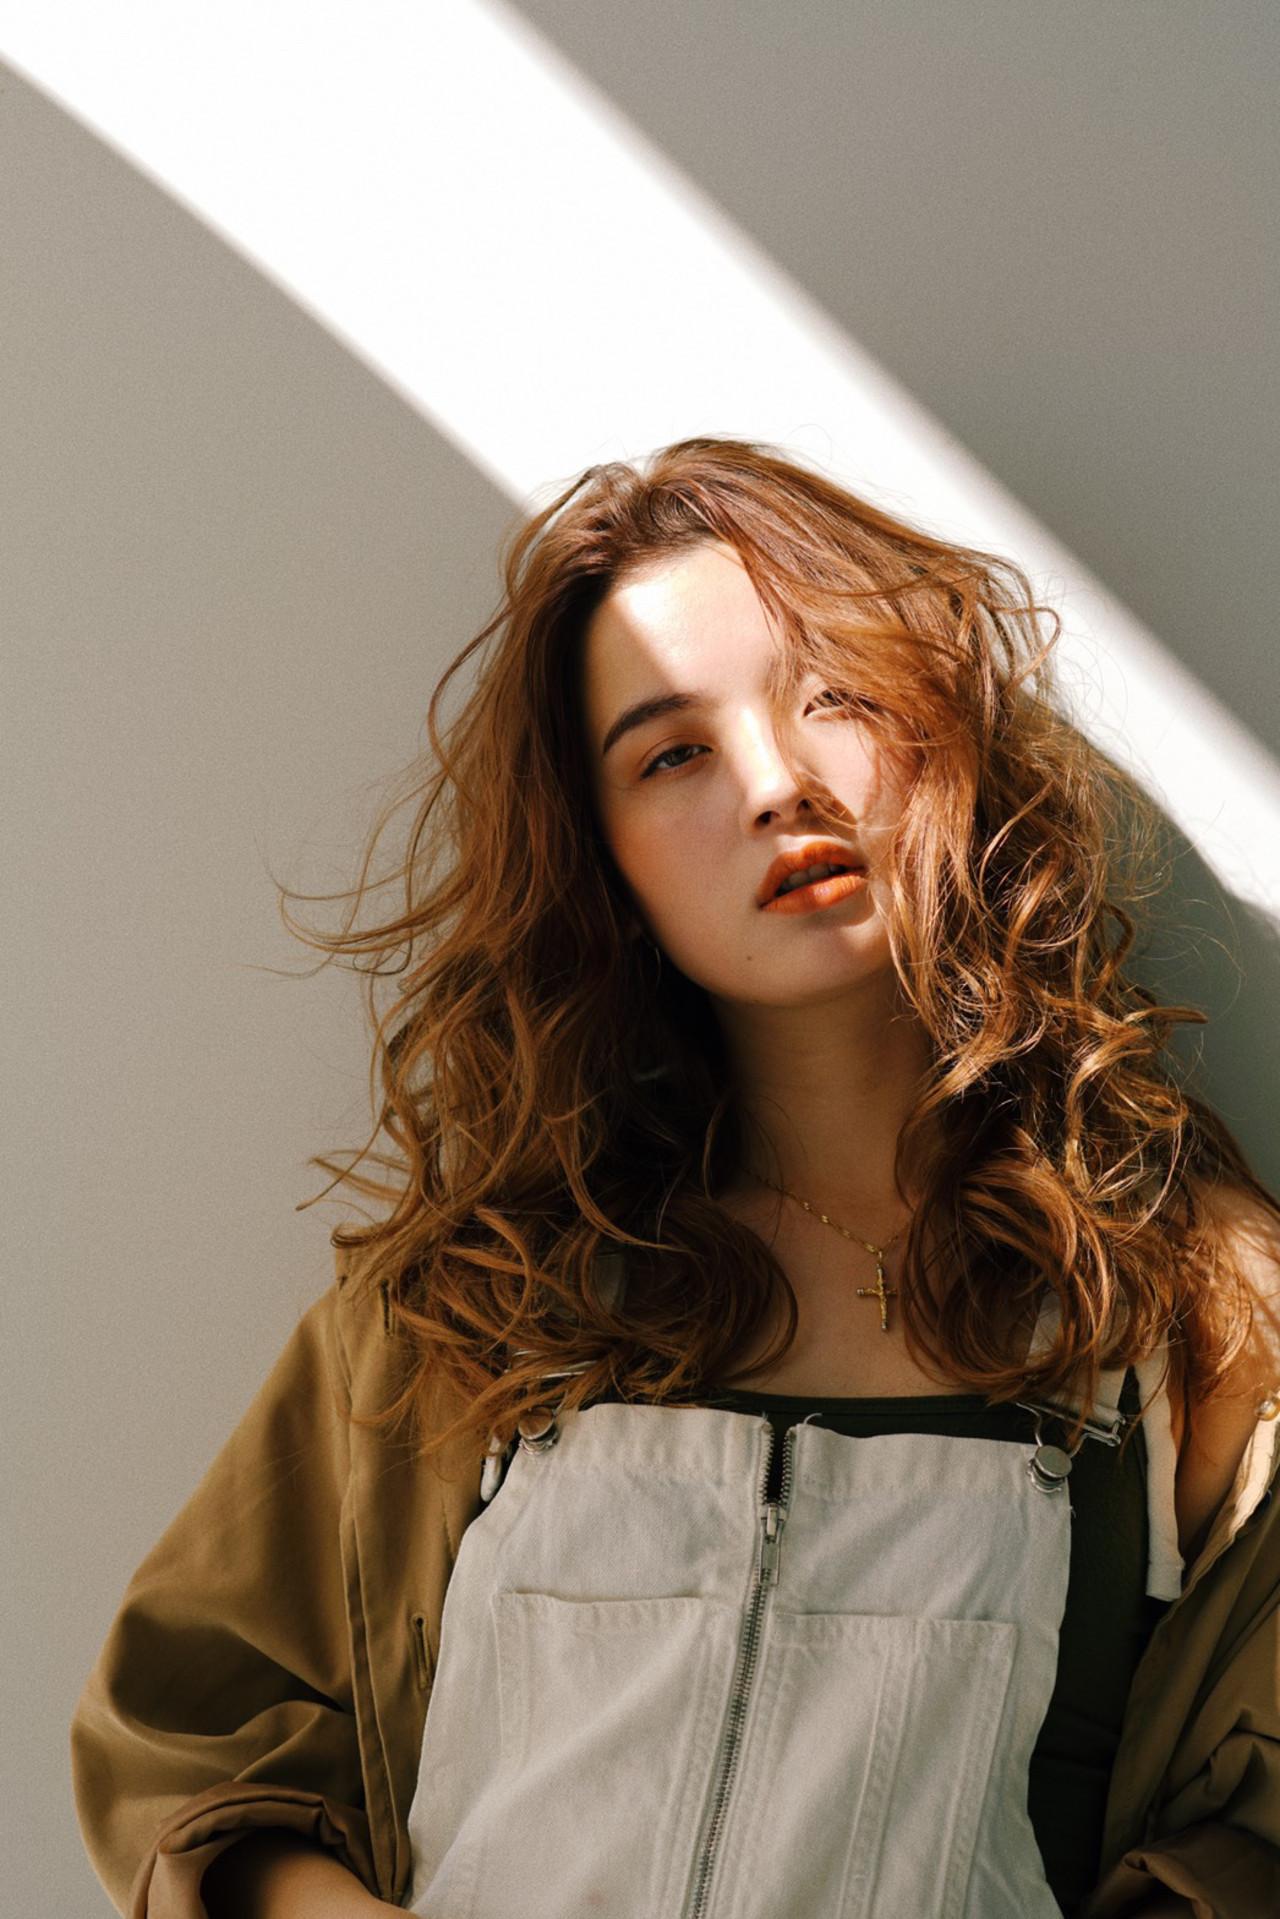 似合わせカット ロング 巻き髪 エレガント ヘアスタイルや髪型の写真・画像